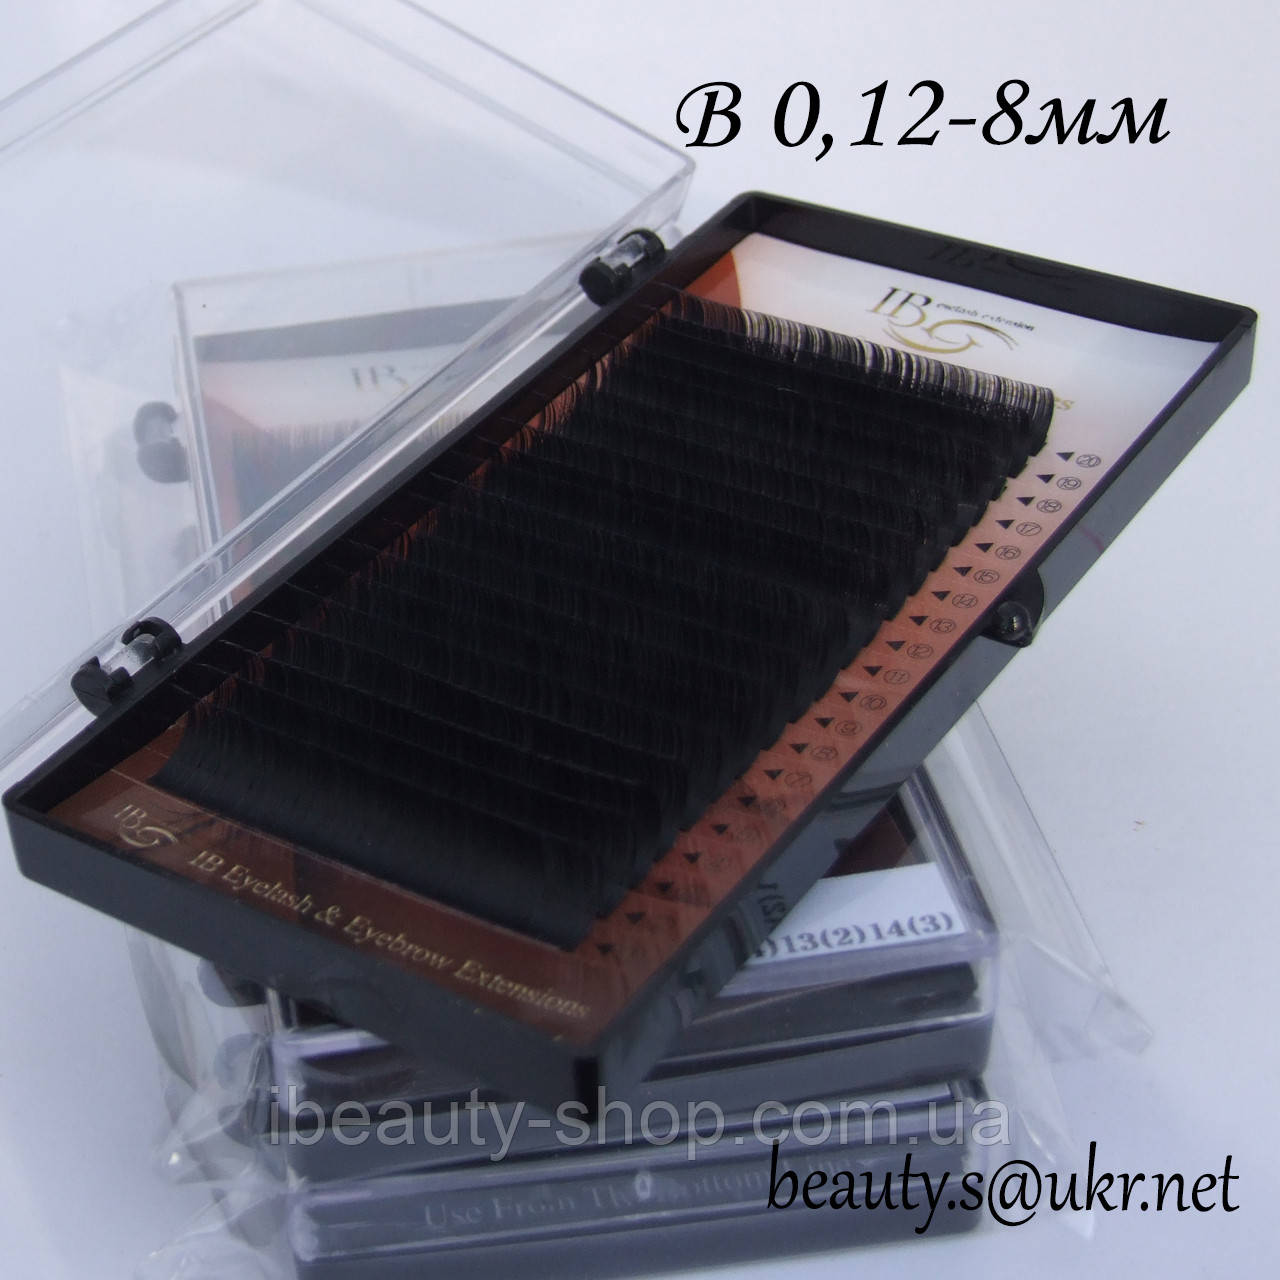 Ресницы  I-Beauty на ленте B 0,12-8мм